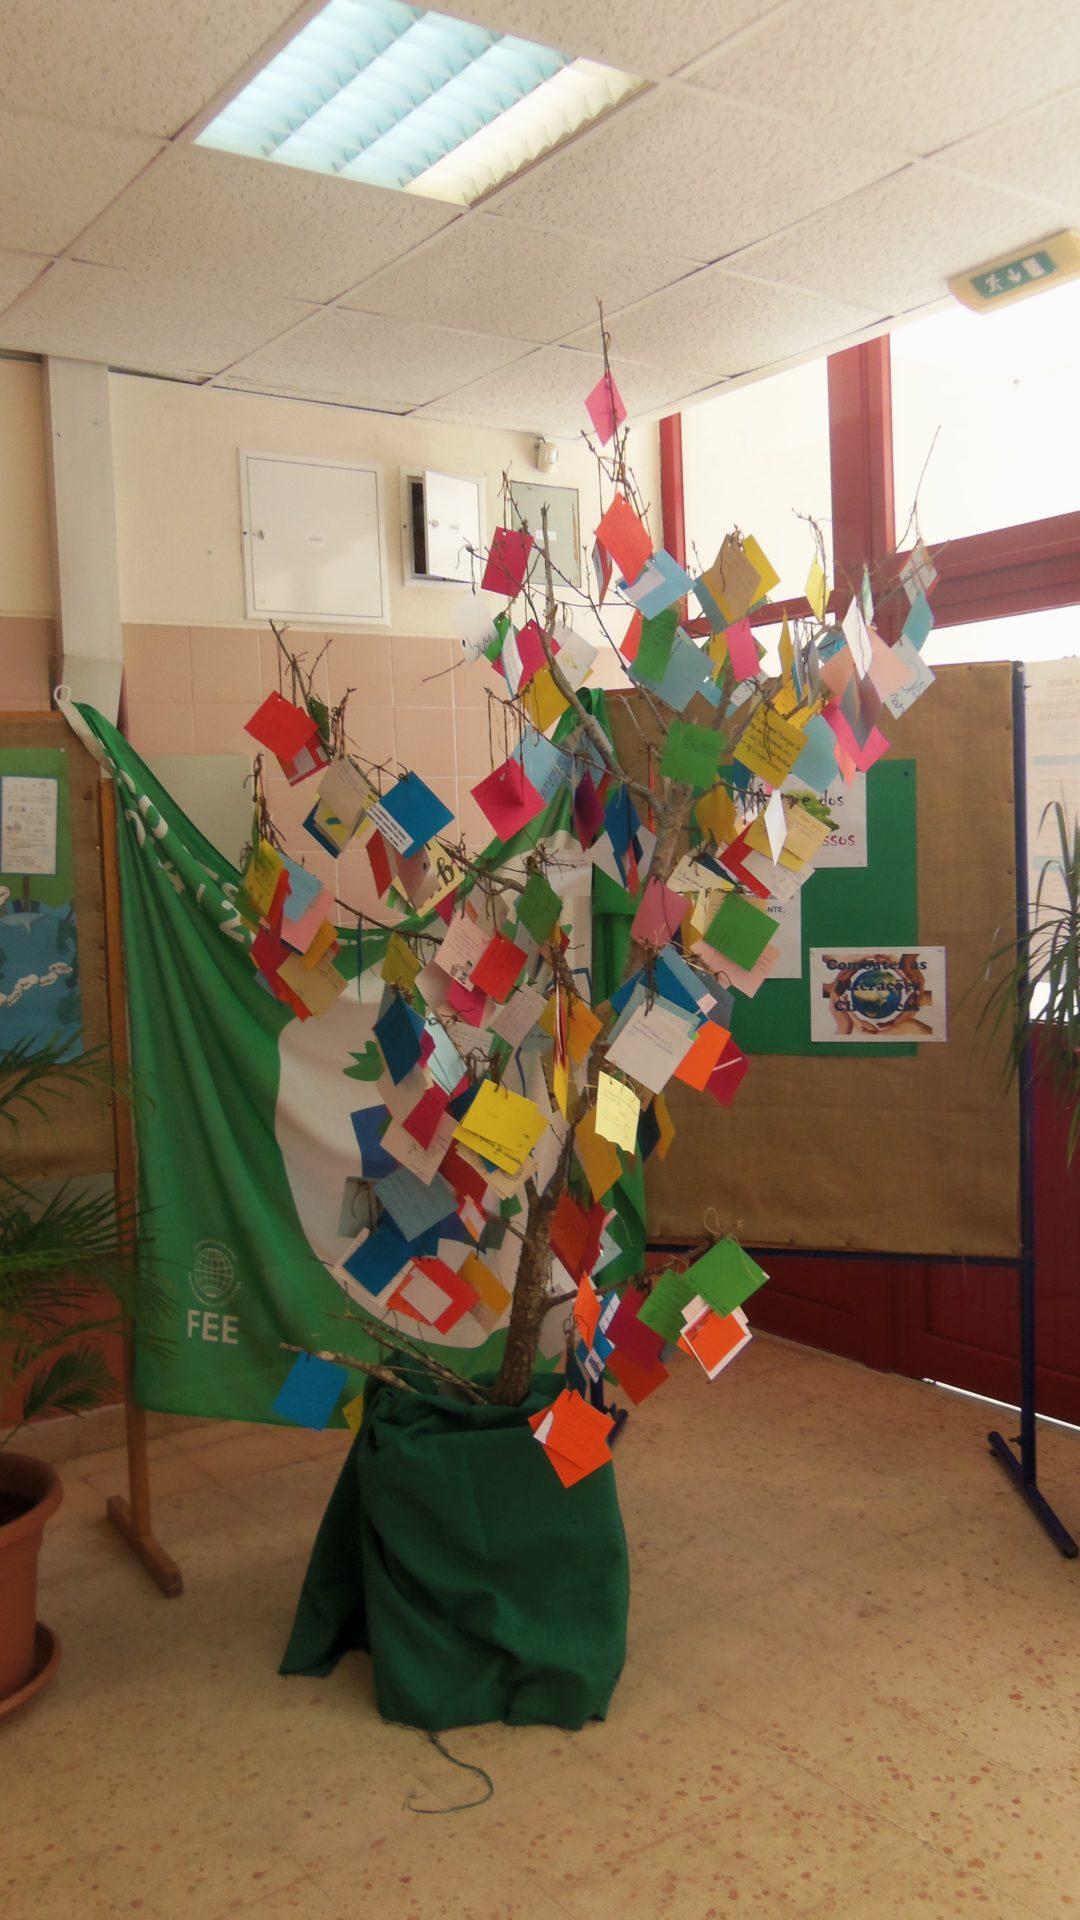 """Escola Básica 2.3. de Freiria """" Compromete-te com a Terra!""""  #fazpeloclima #ecoescolasfazpeloclima #ecoschools #globalactiondays Objetivo"""